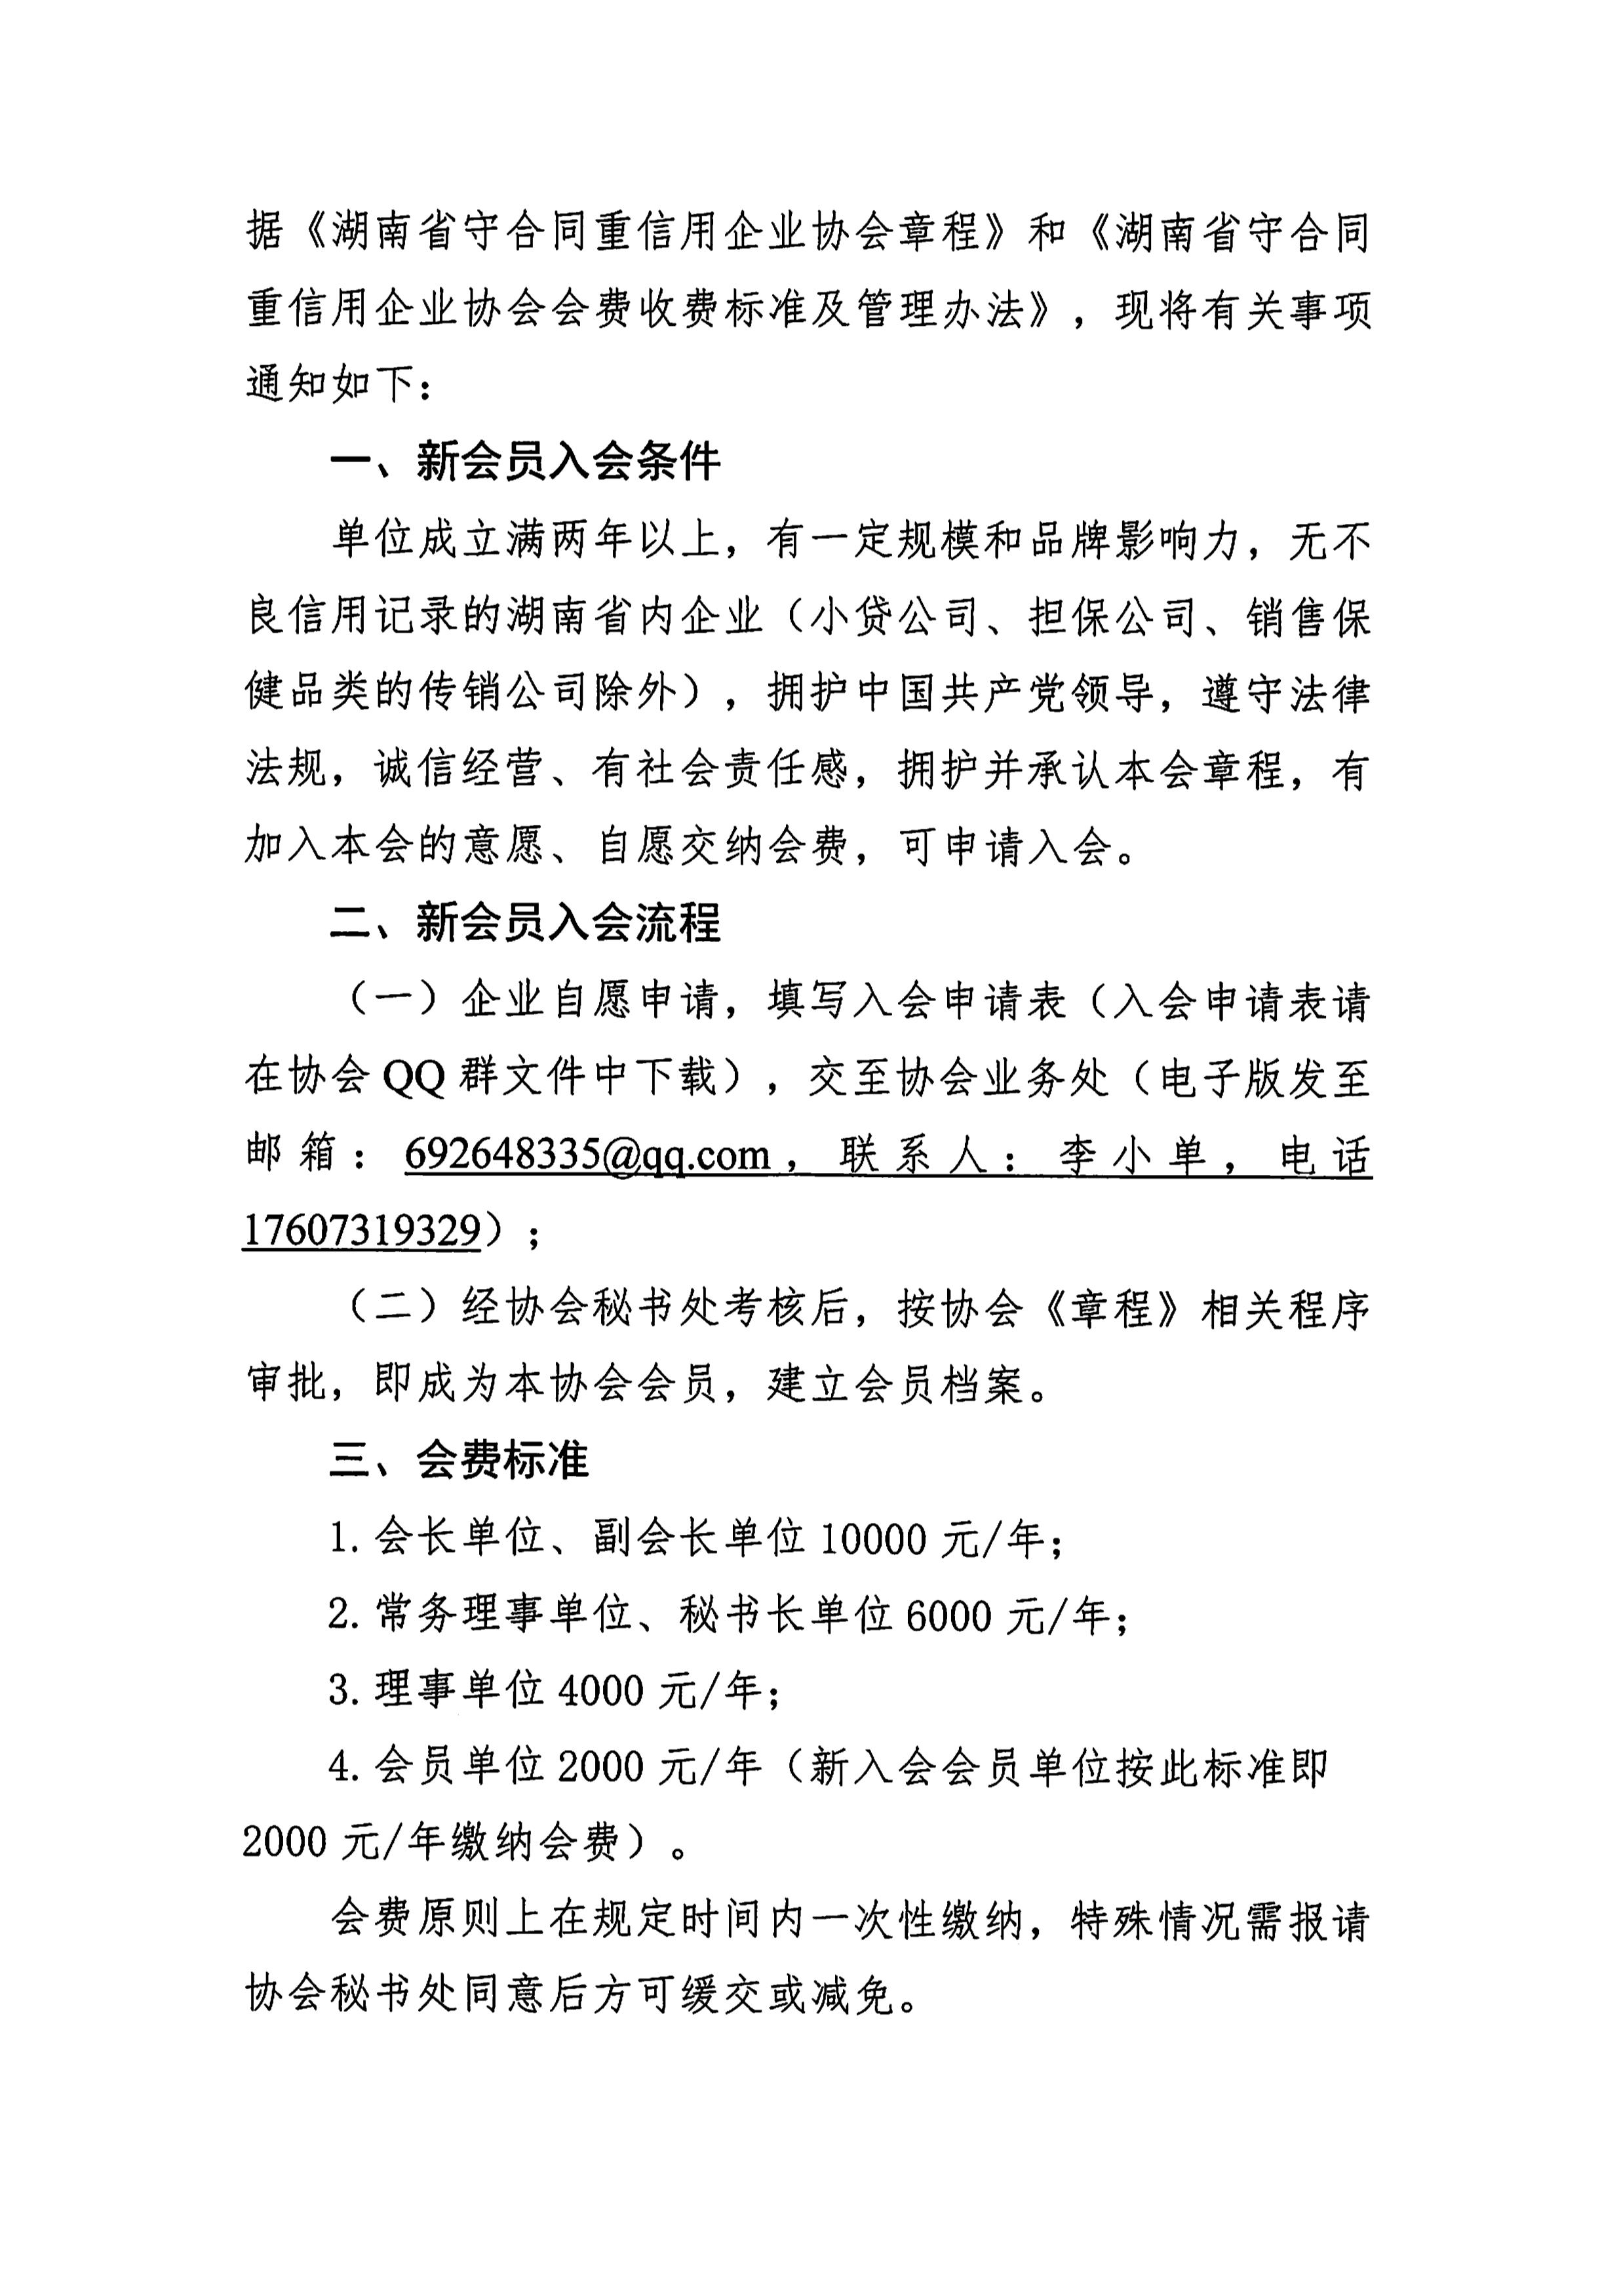 湖南省守5楼直播重信用企业协会关于发展新会员和收缴会费的通知_2.png